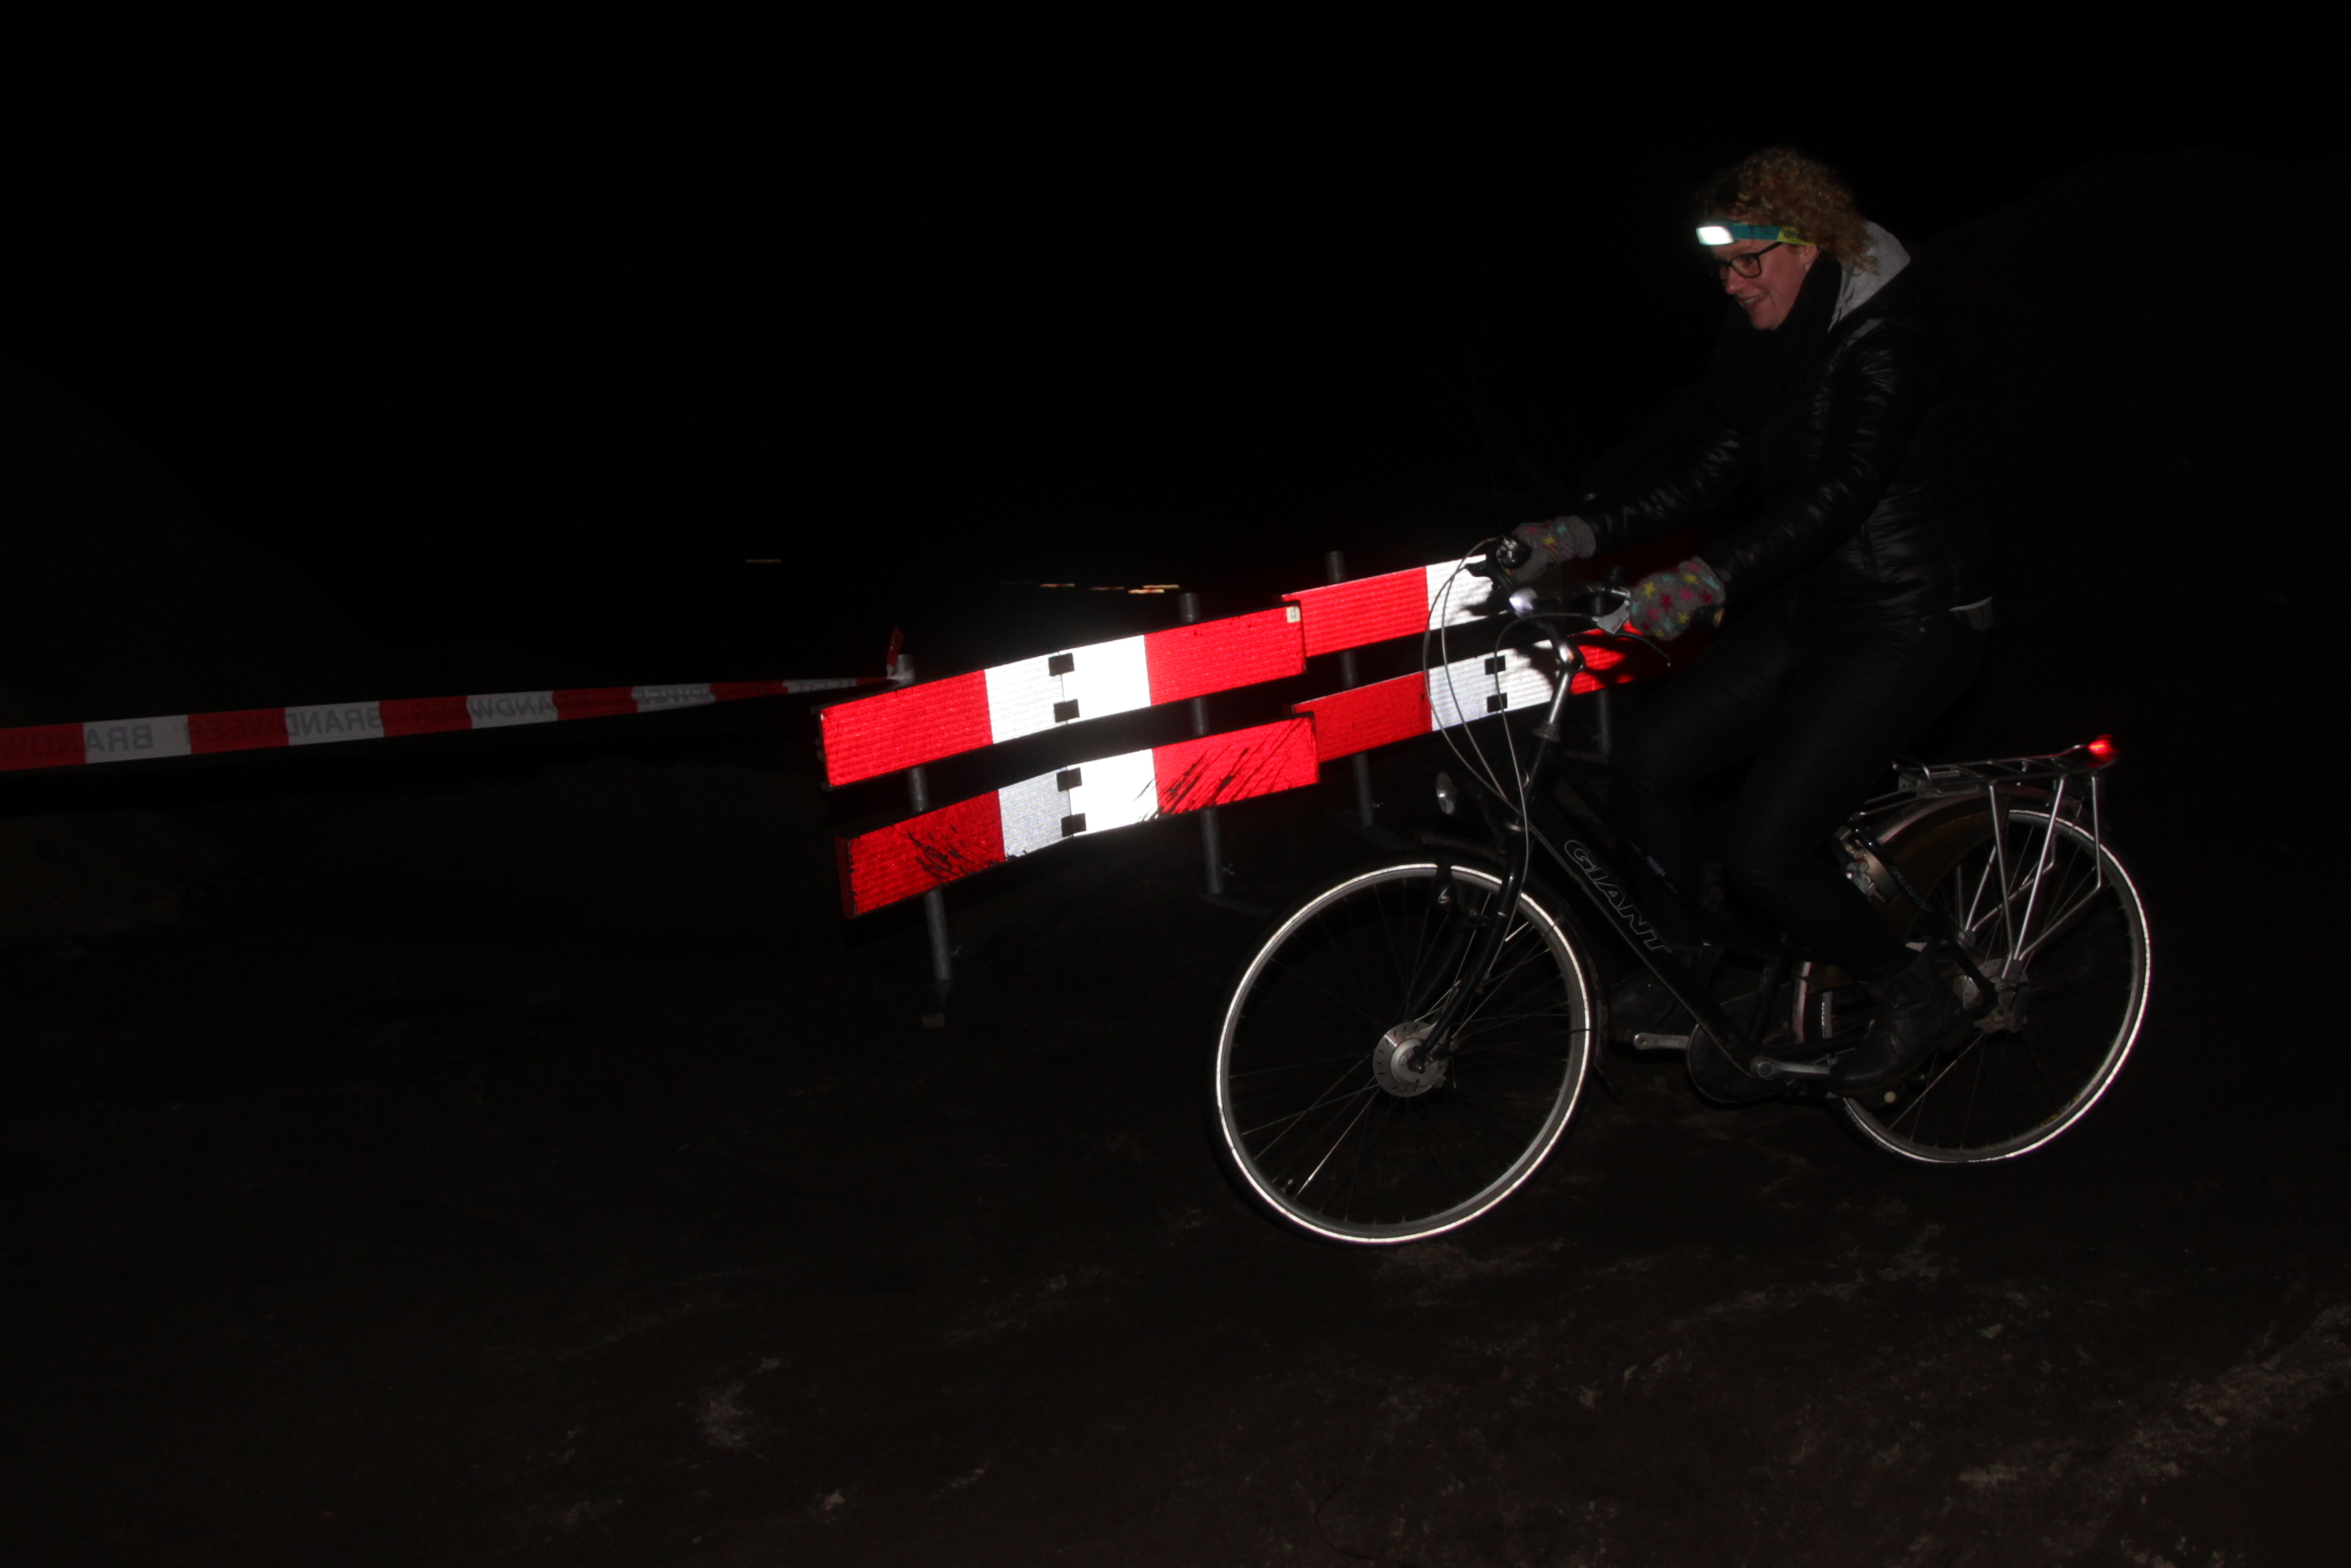 Nightbike-Méél-by-Night.-2017-64